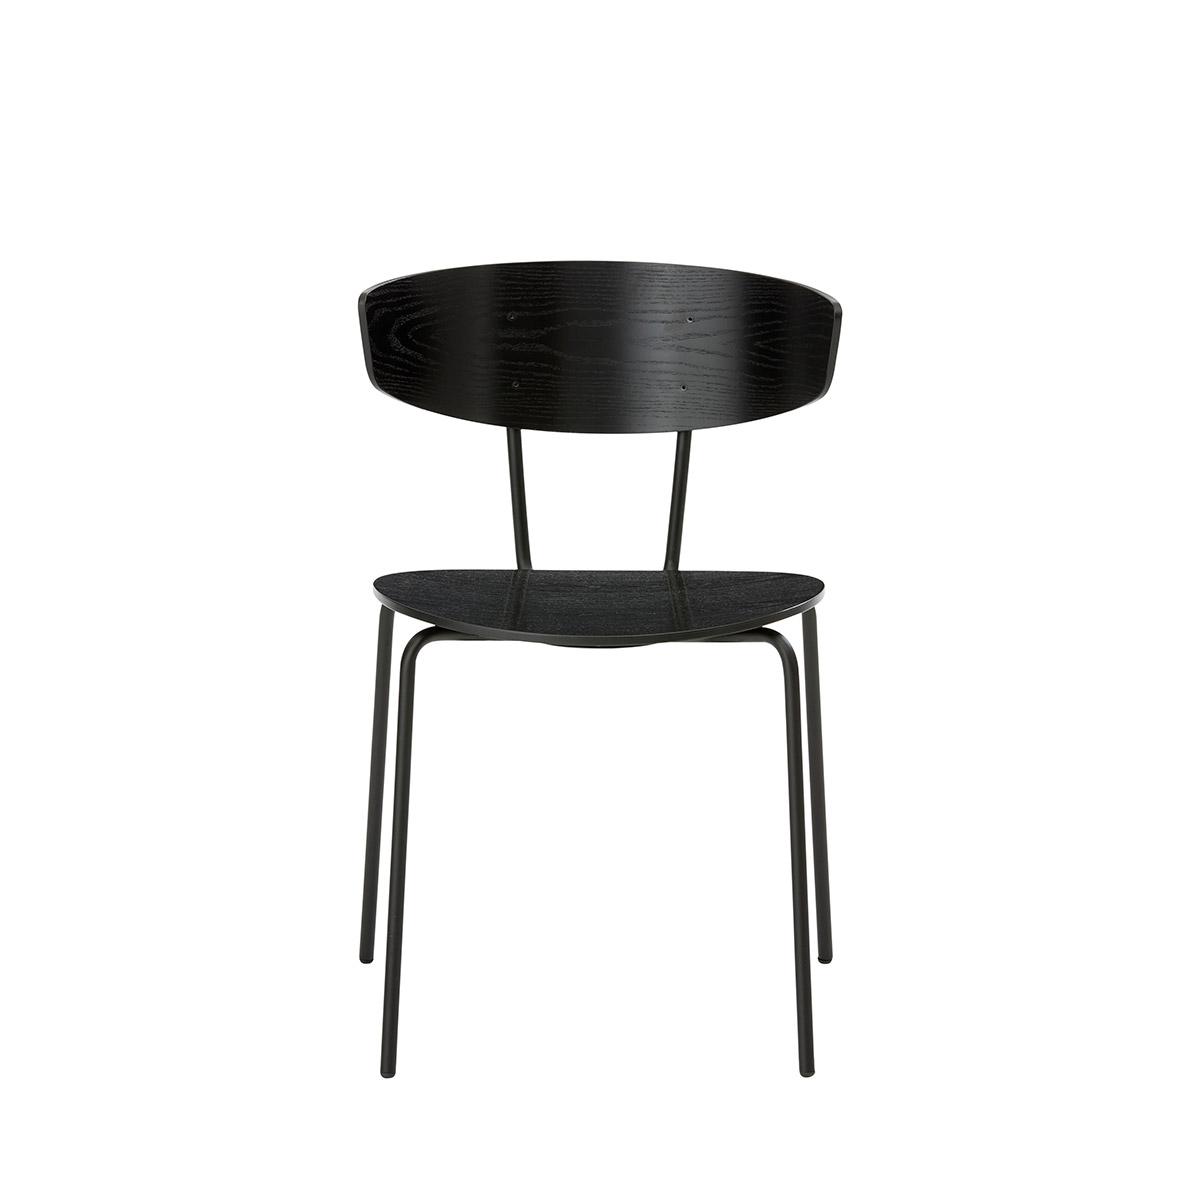 Spisestuestol med ben i sort pulverlakkert stål og sete i sort tre